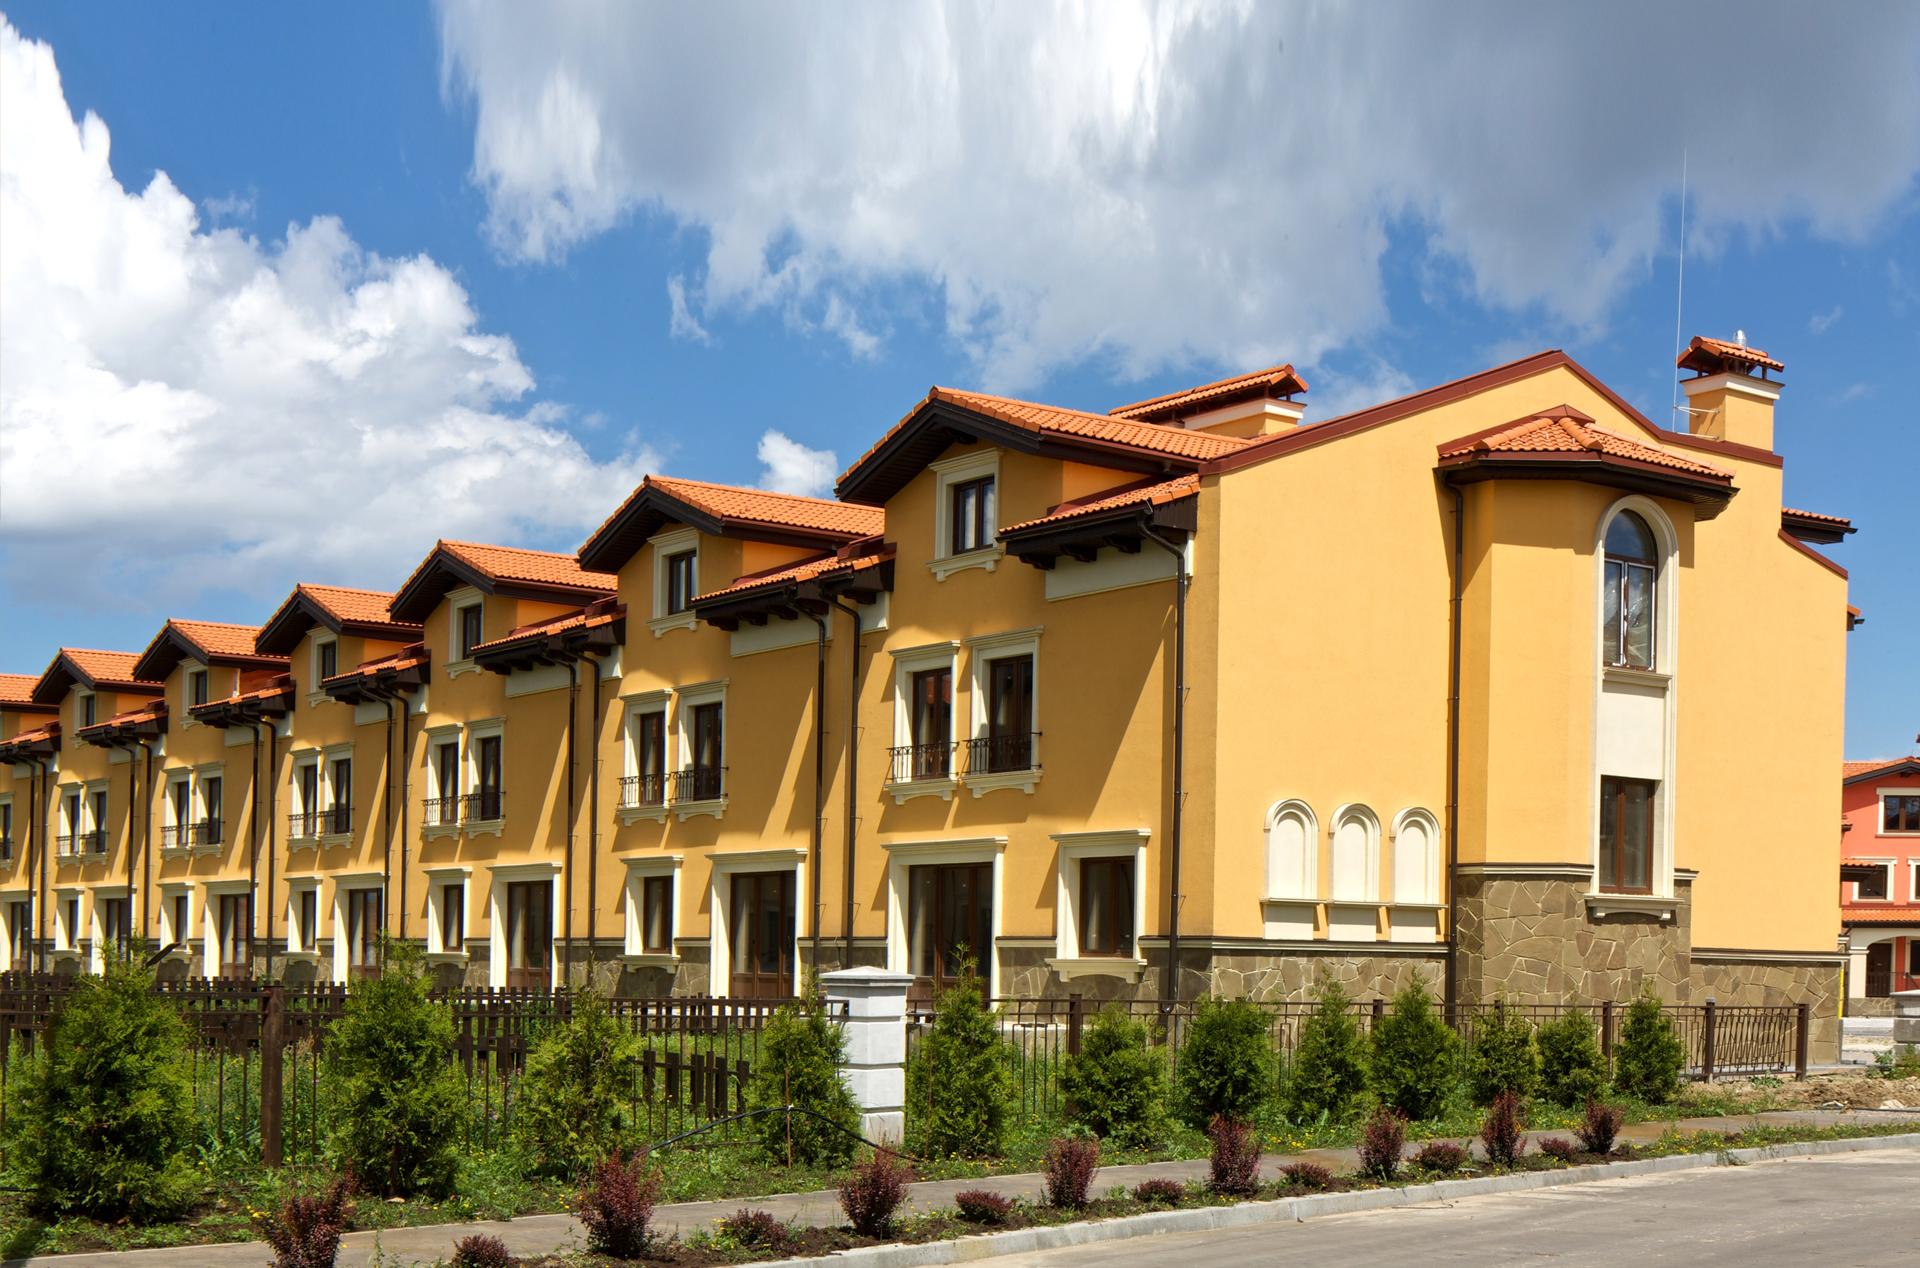 Таунхаус — это современное, комфортное и престижное жилье за разумные деньги